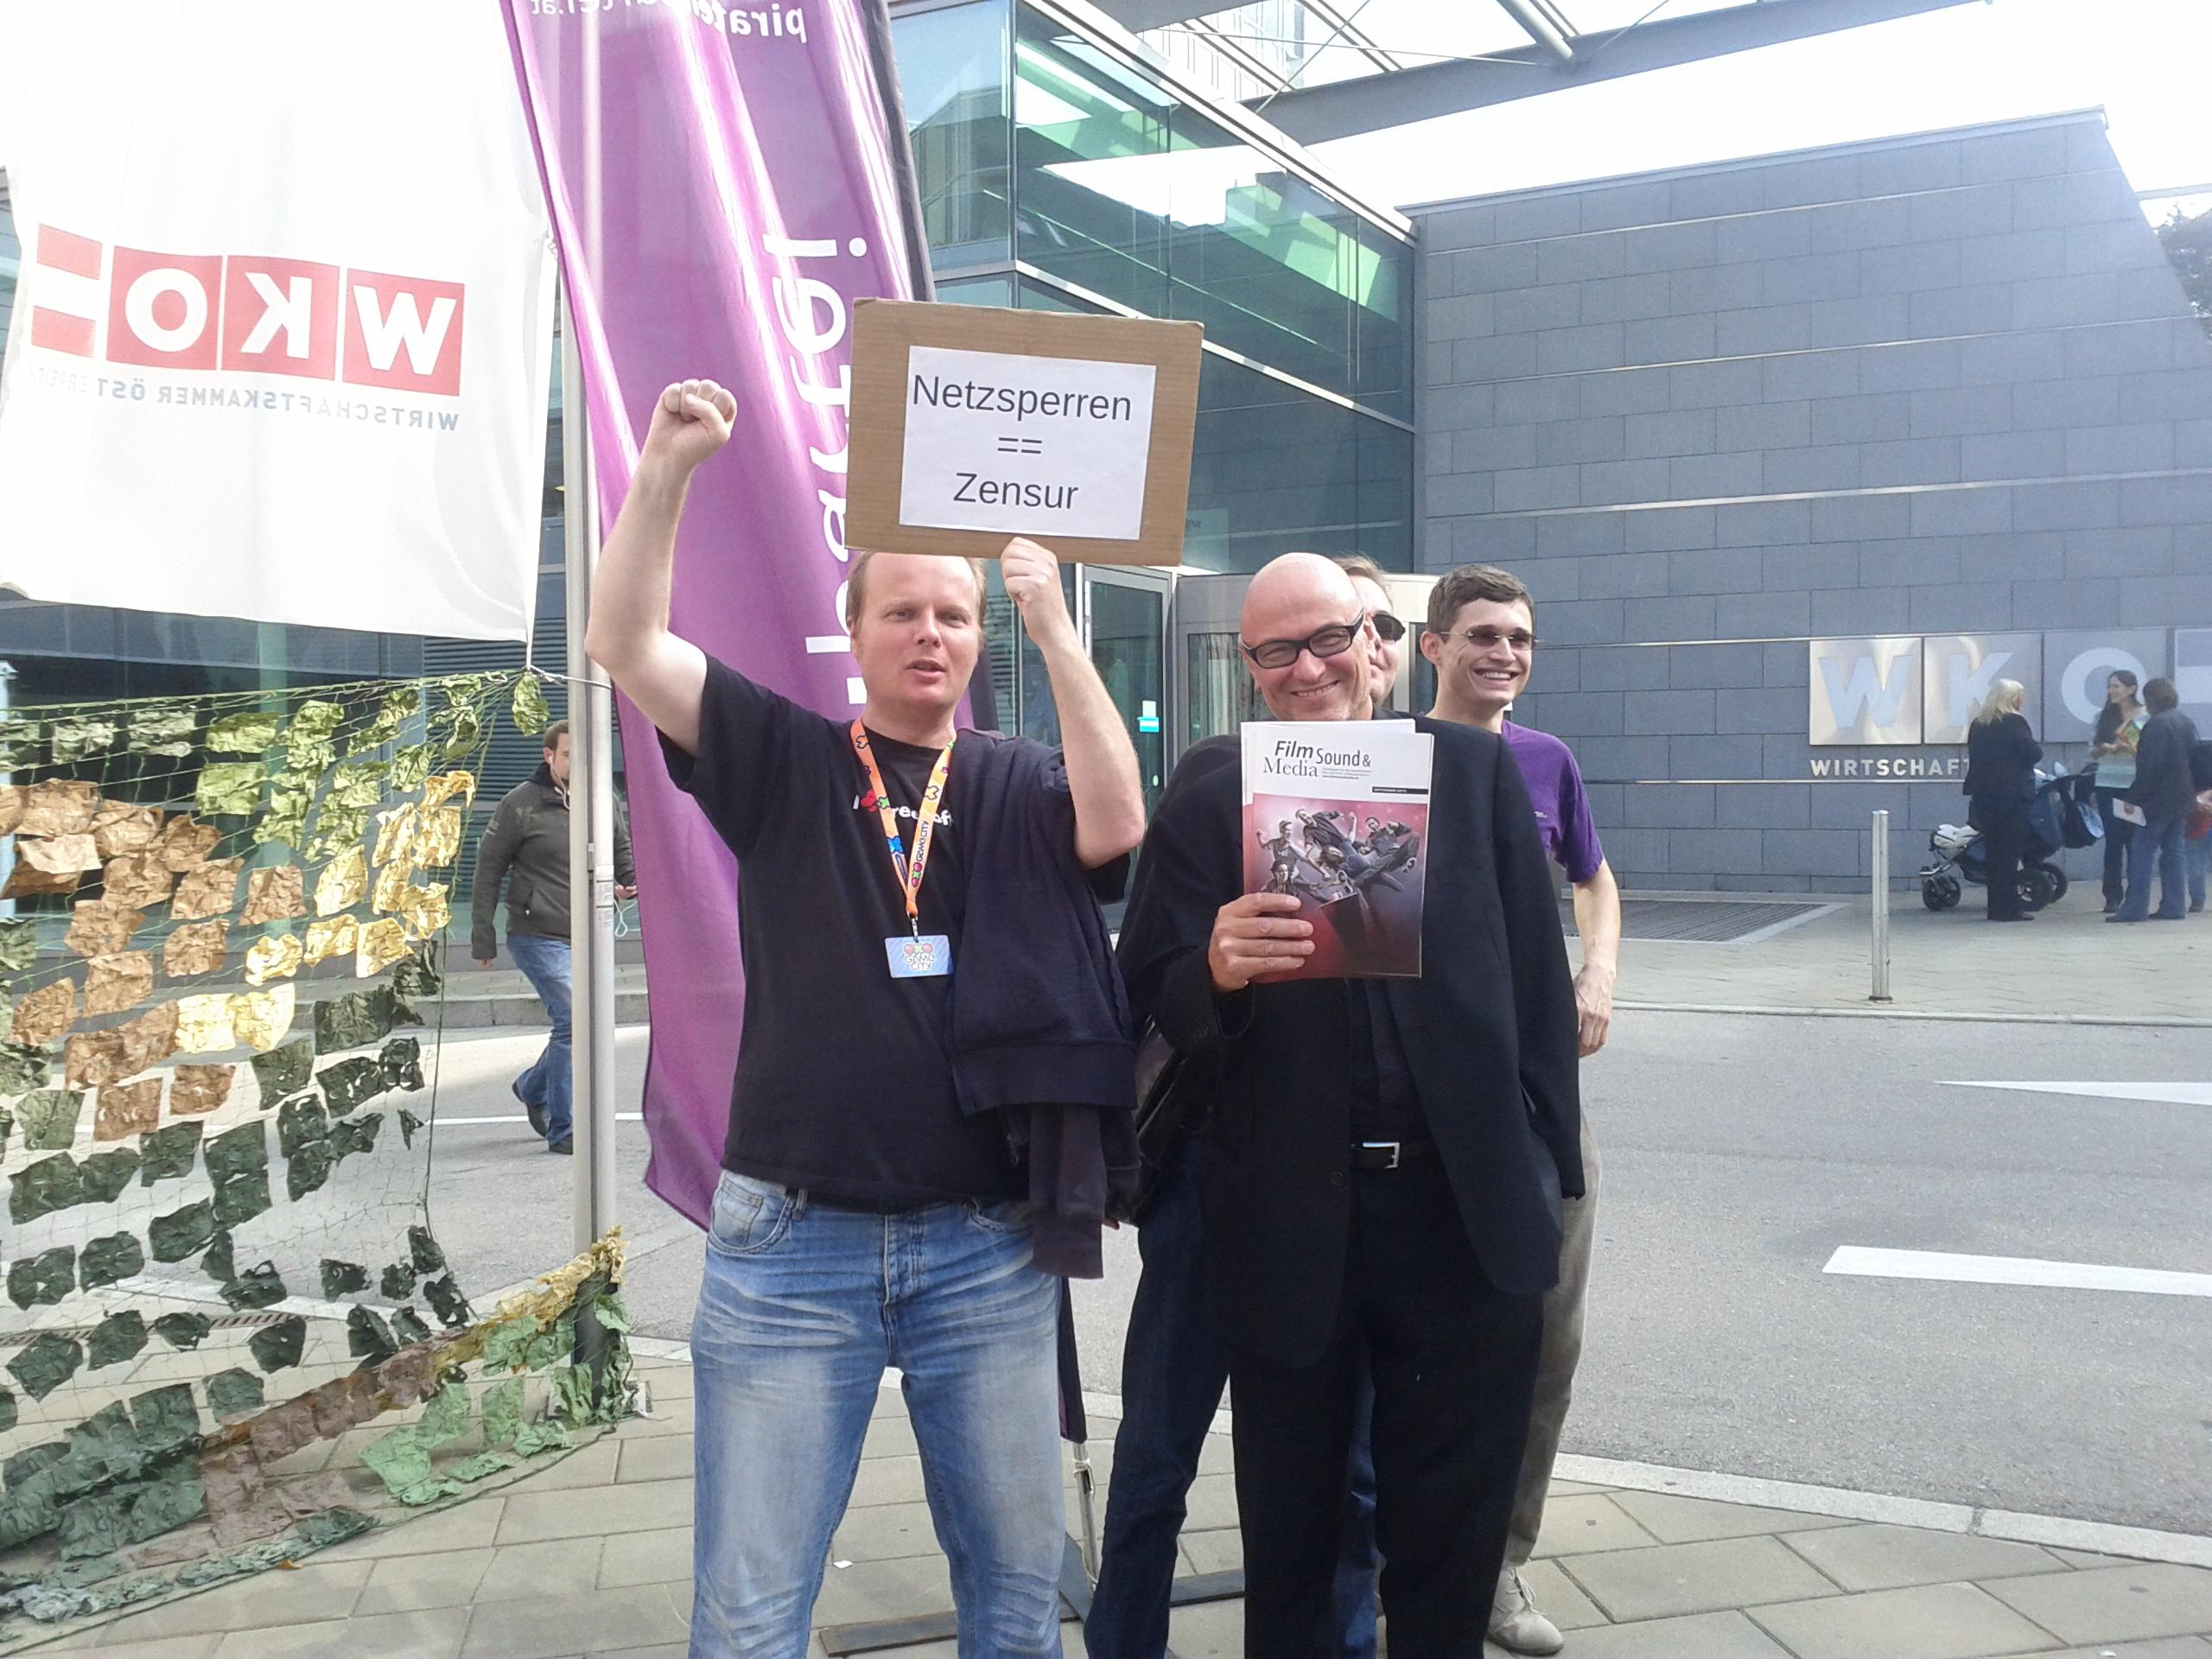 Horst JENS (links) und Dr. Werner Müller (rechts) demonstrieren äußerst unterschiedliche politische Ansichten zum Thema Netzsperren (Bildquelle: Horst JENS)